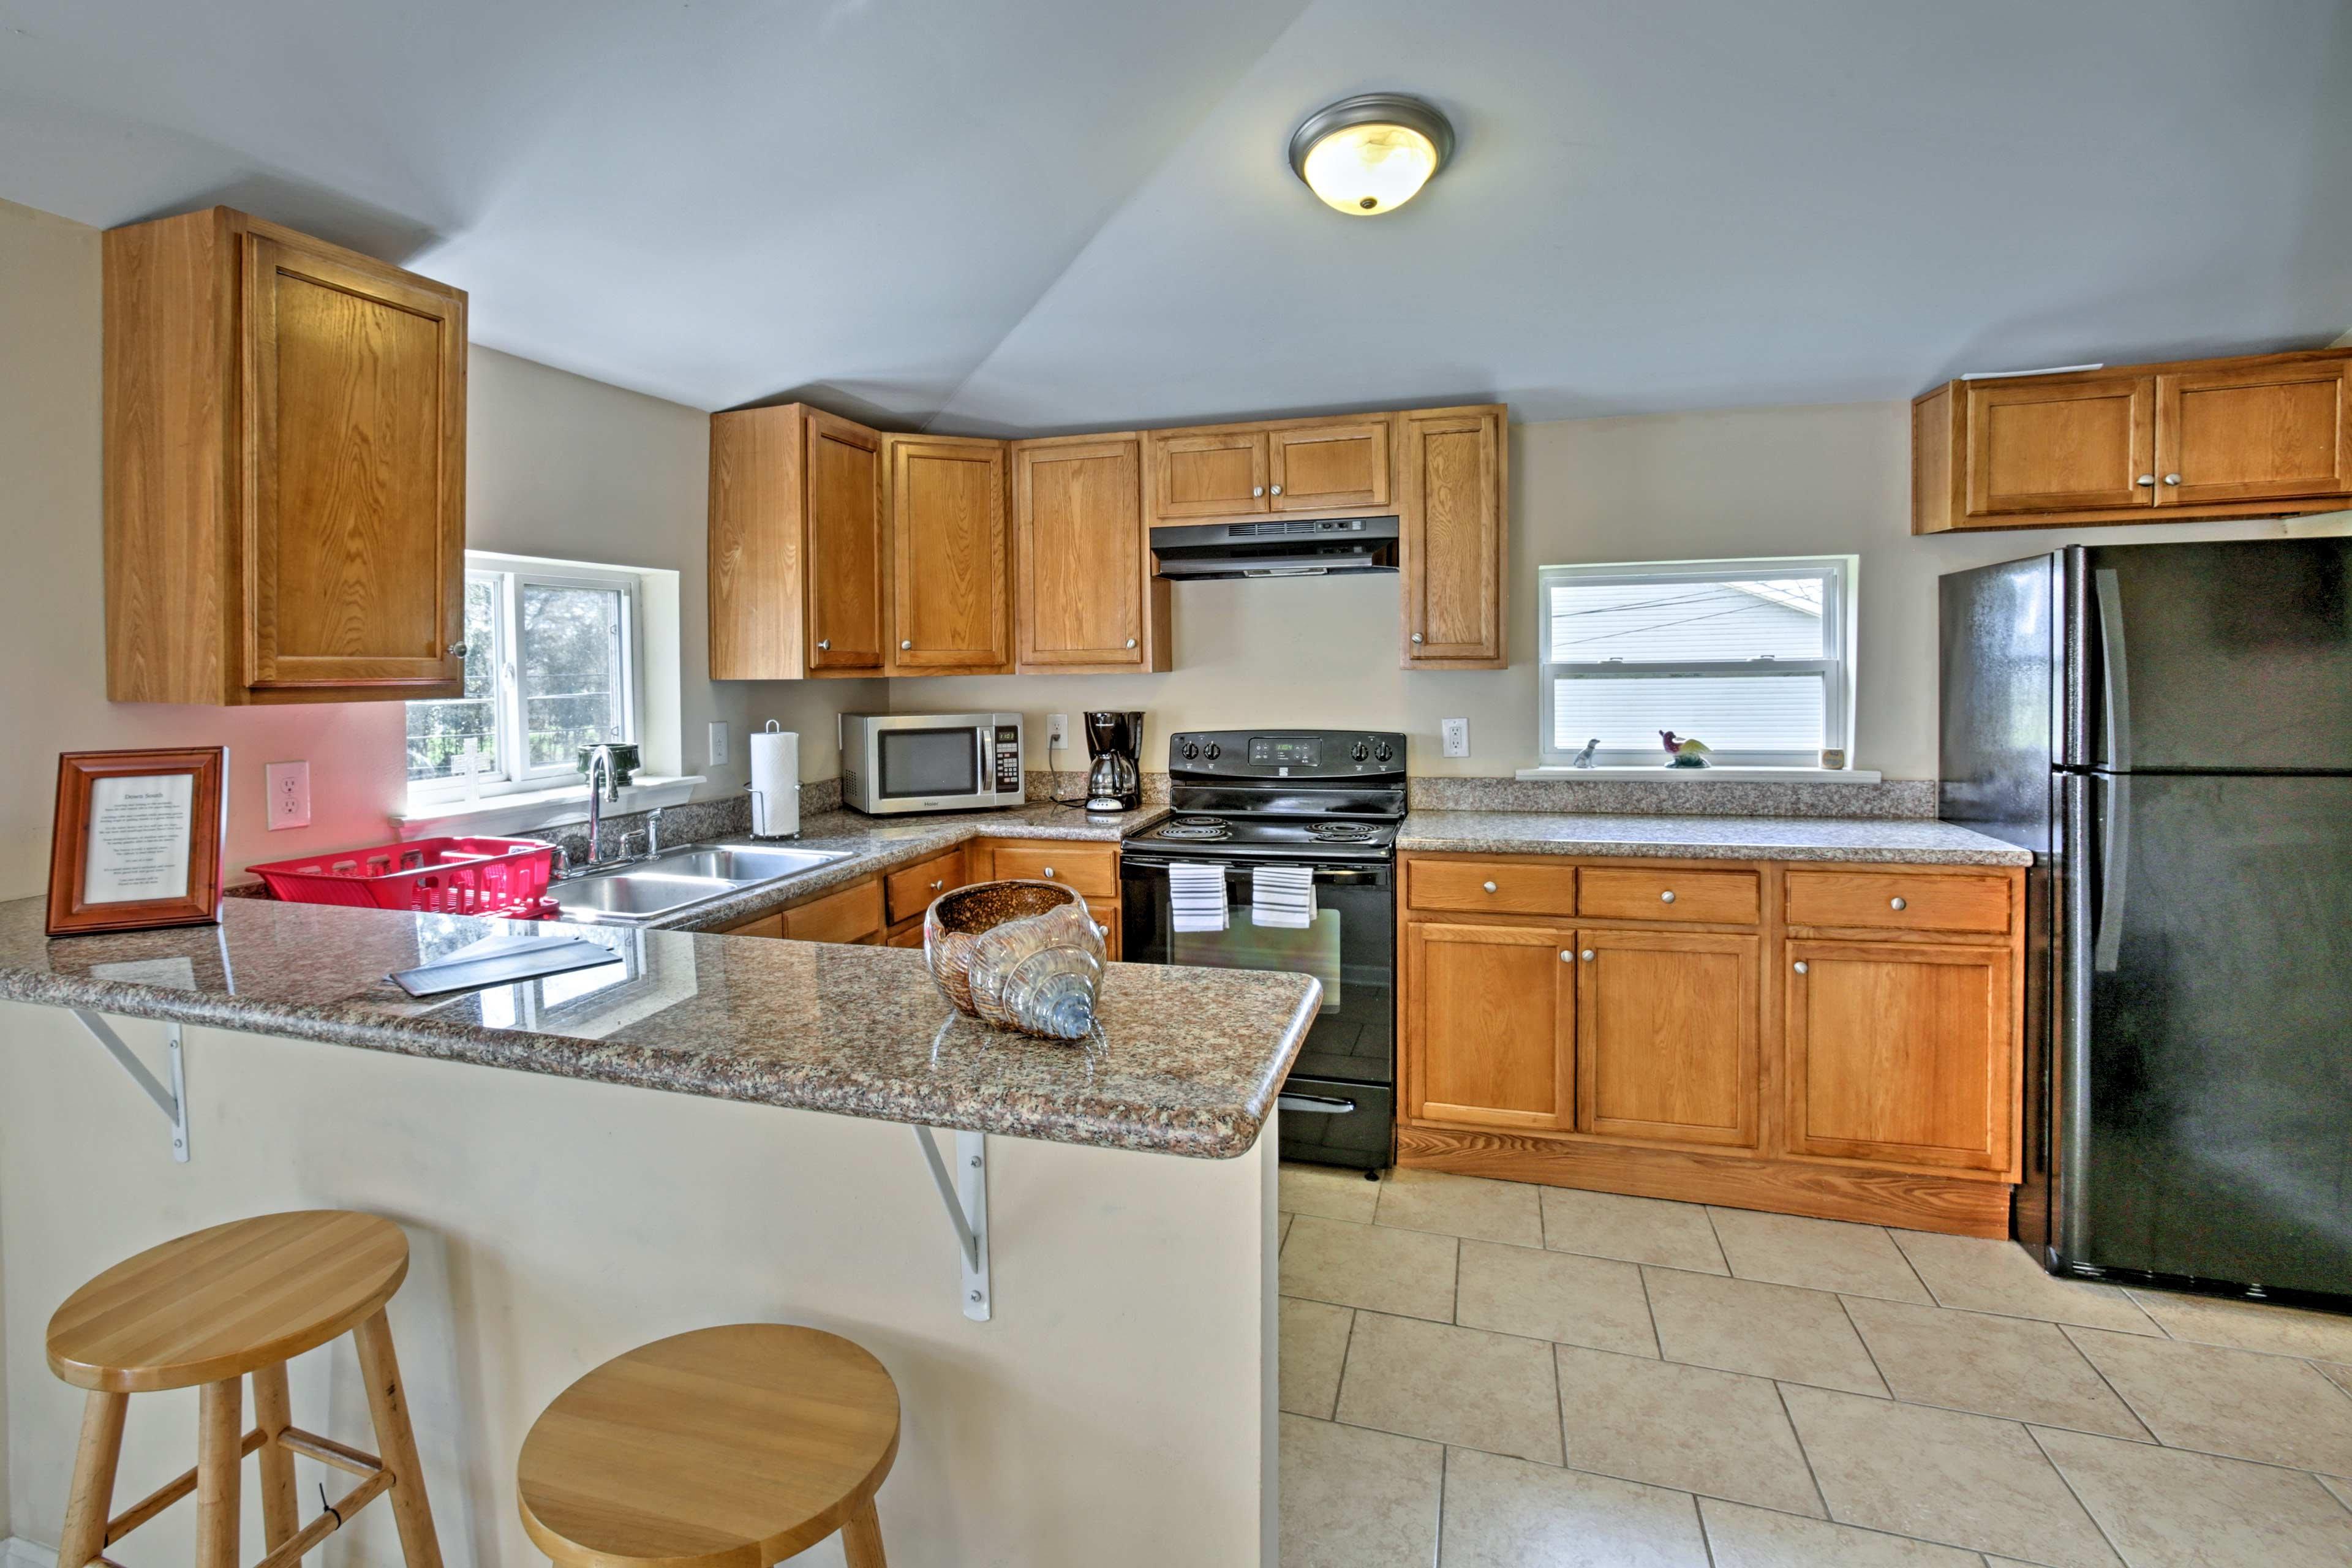 Pro 1 BR kitchen